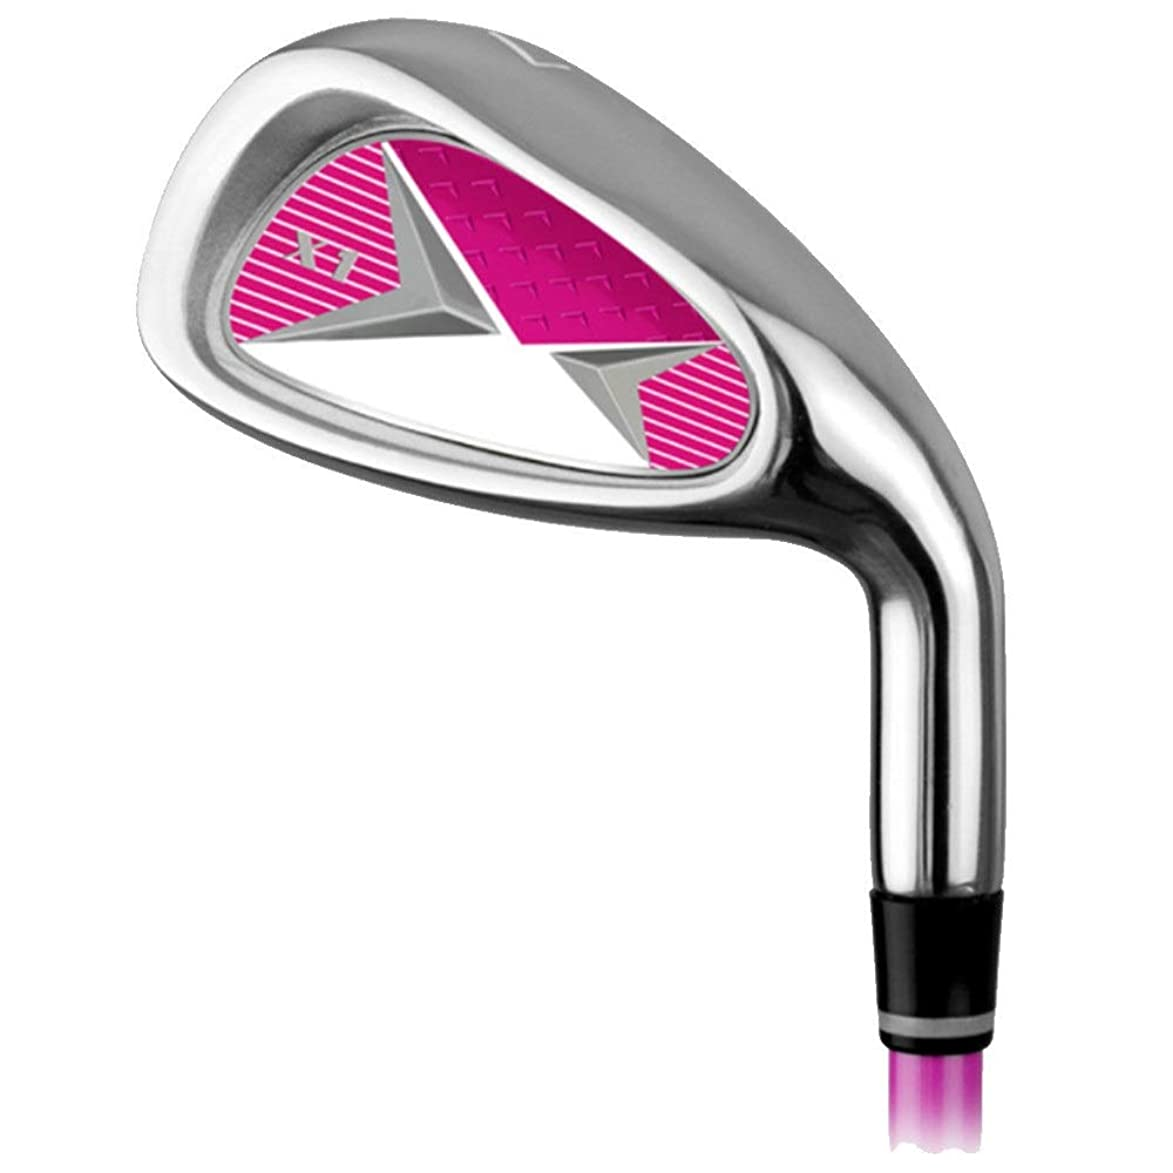 許さないペイント耐えられないゴルフ練習クラブゴルフカーボンアイアン7アイアン男性と女性子供初心者練習ポール3?12歳オレンジレッドブルー ゴルフアイアンセットワークスパター (色 : 9-12Age-pink, サイズ : Steel body)